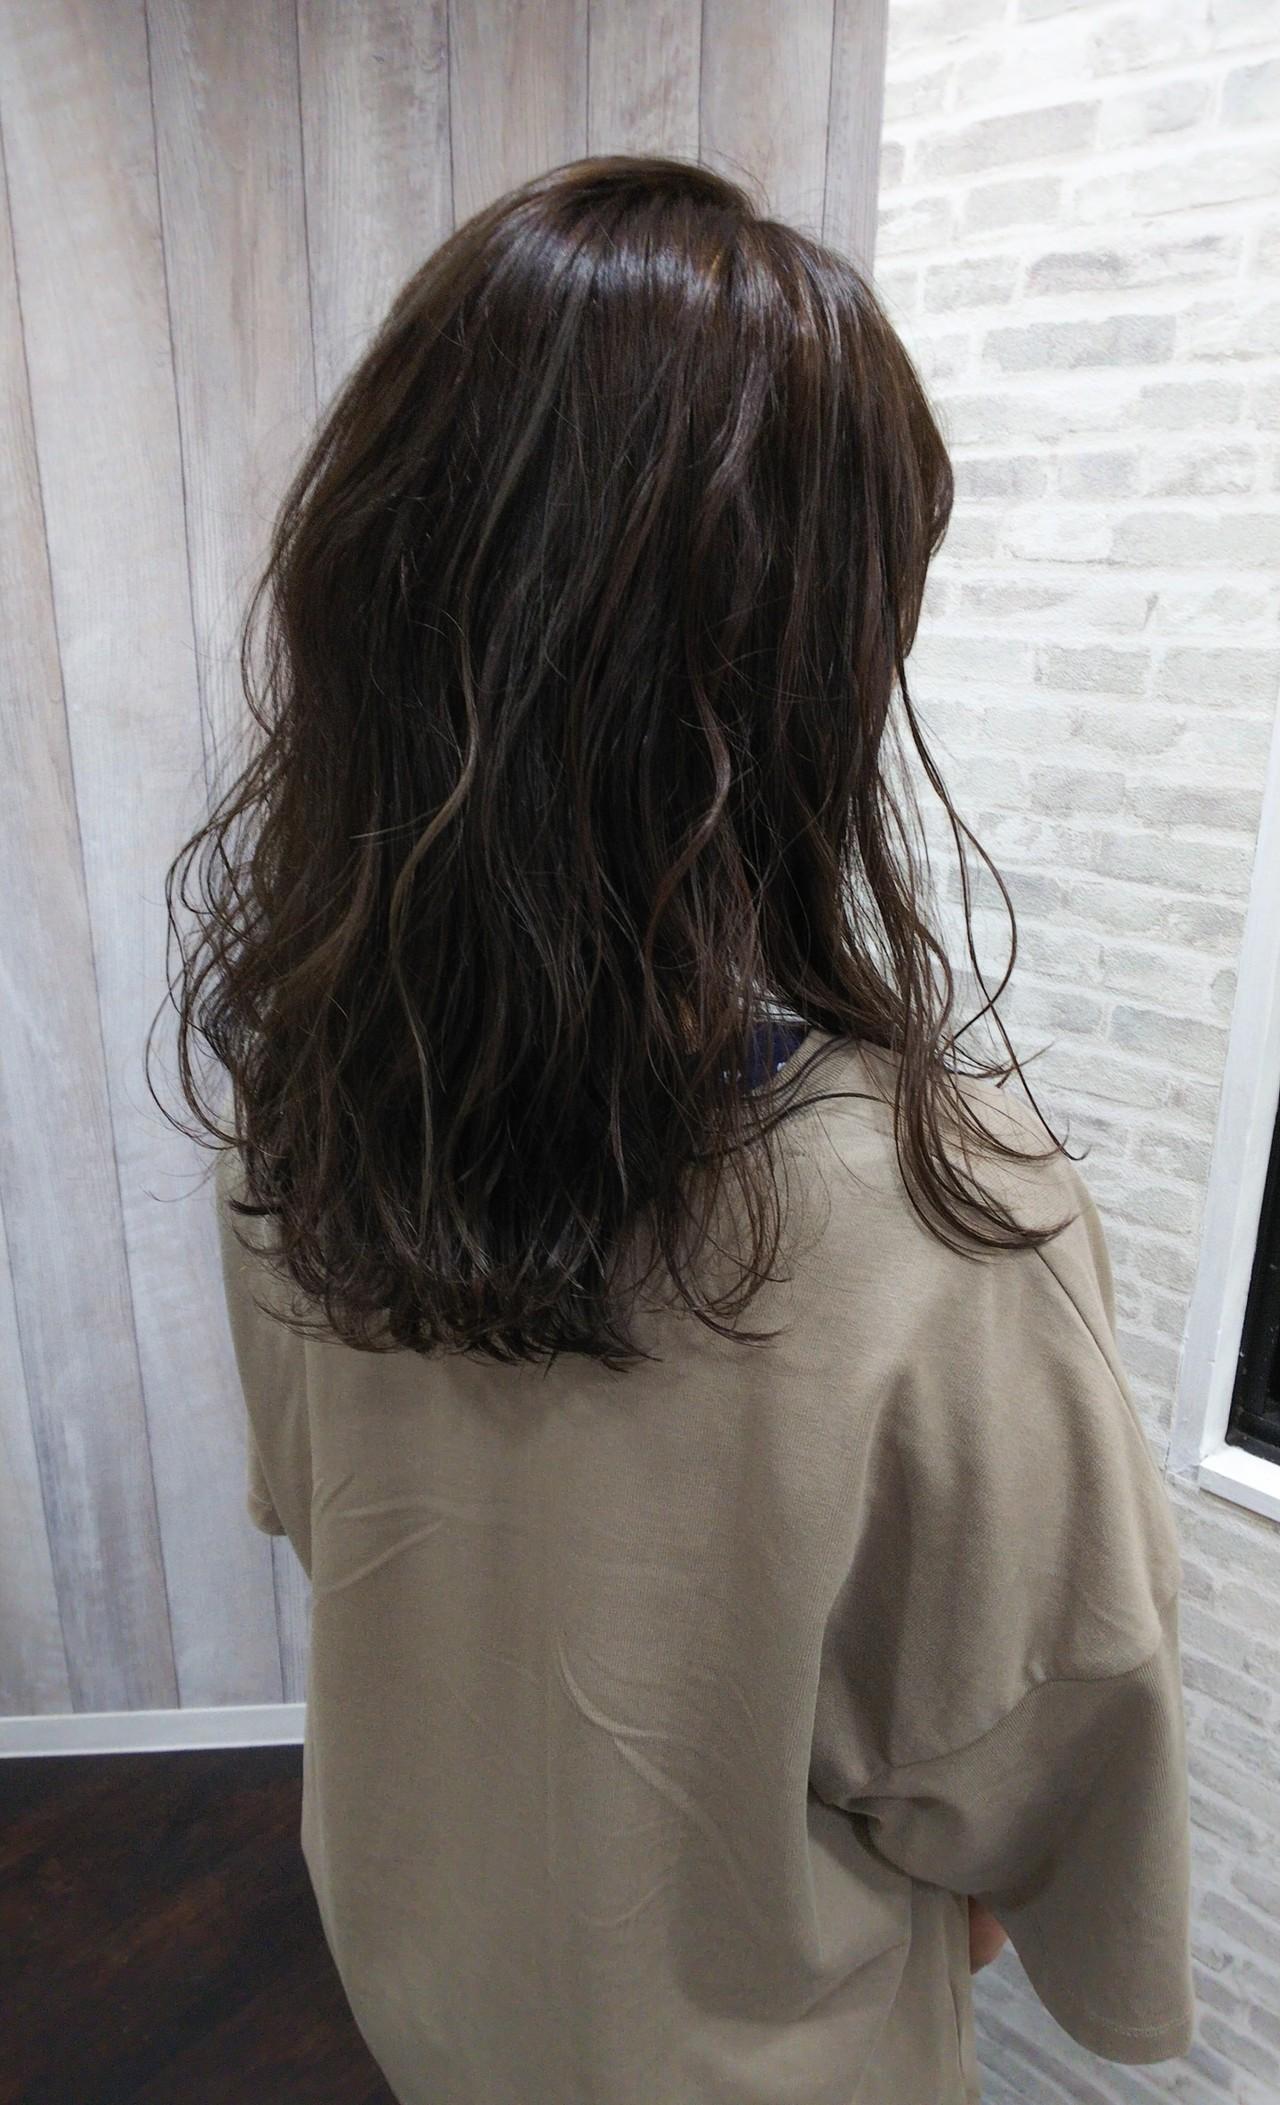 波巻き ハイライト ダブルカラー 夏 ヘアスタイルや髪型の写真・画像 | 奥村 亮太 / WILL hair 姫路駅前